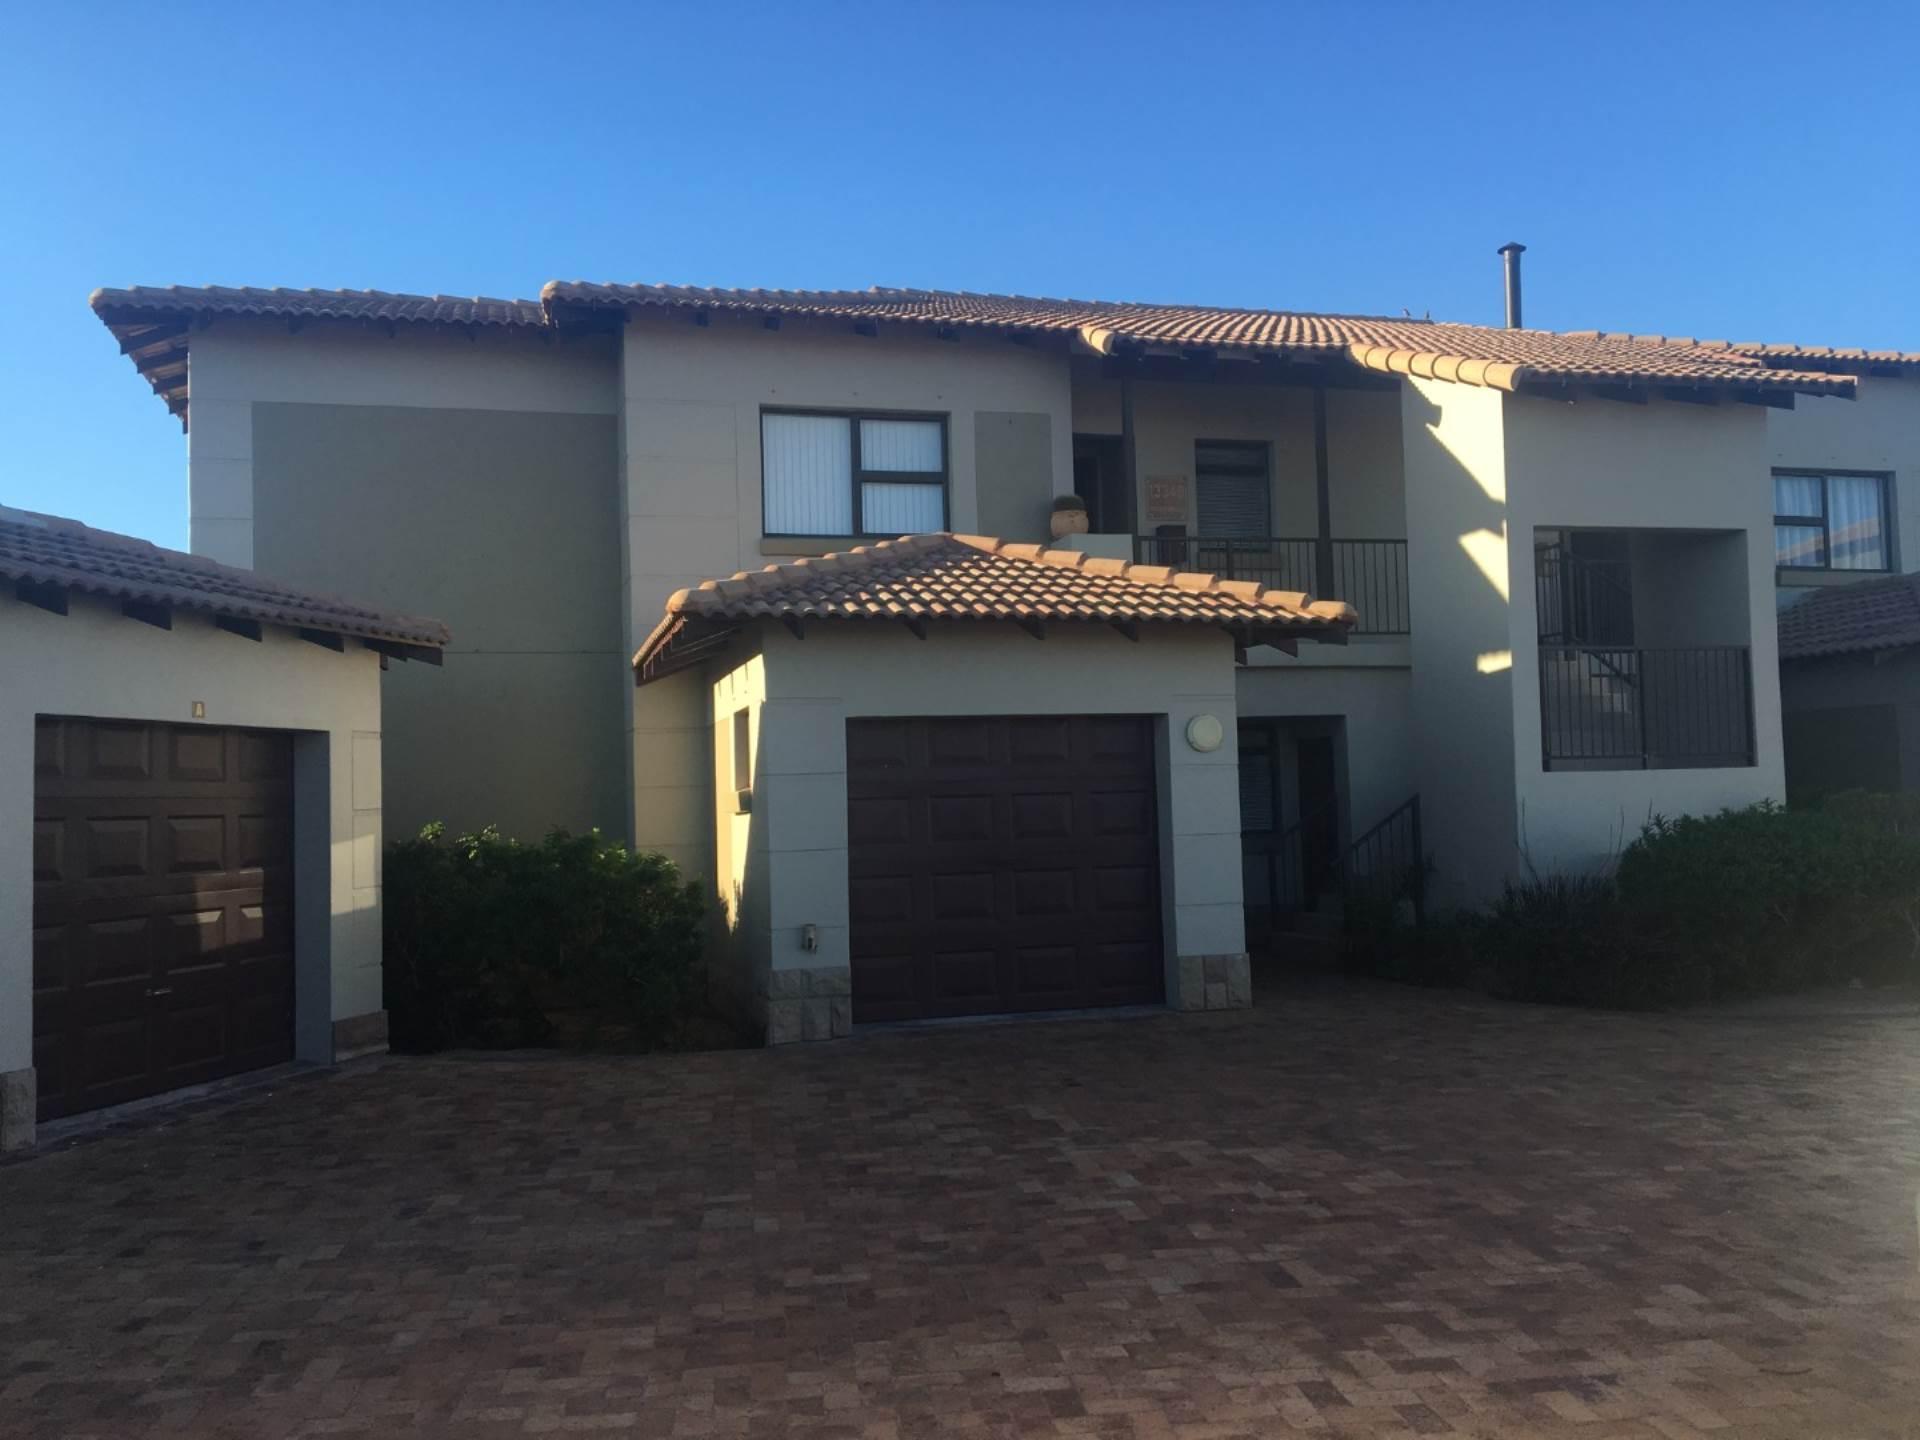 2 BedroomApartment For Sale In Langebaan Country Estate